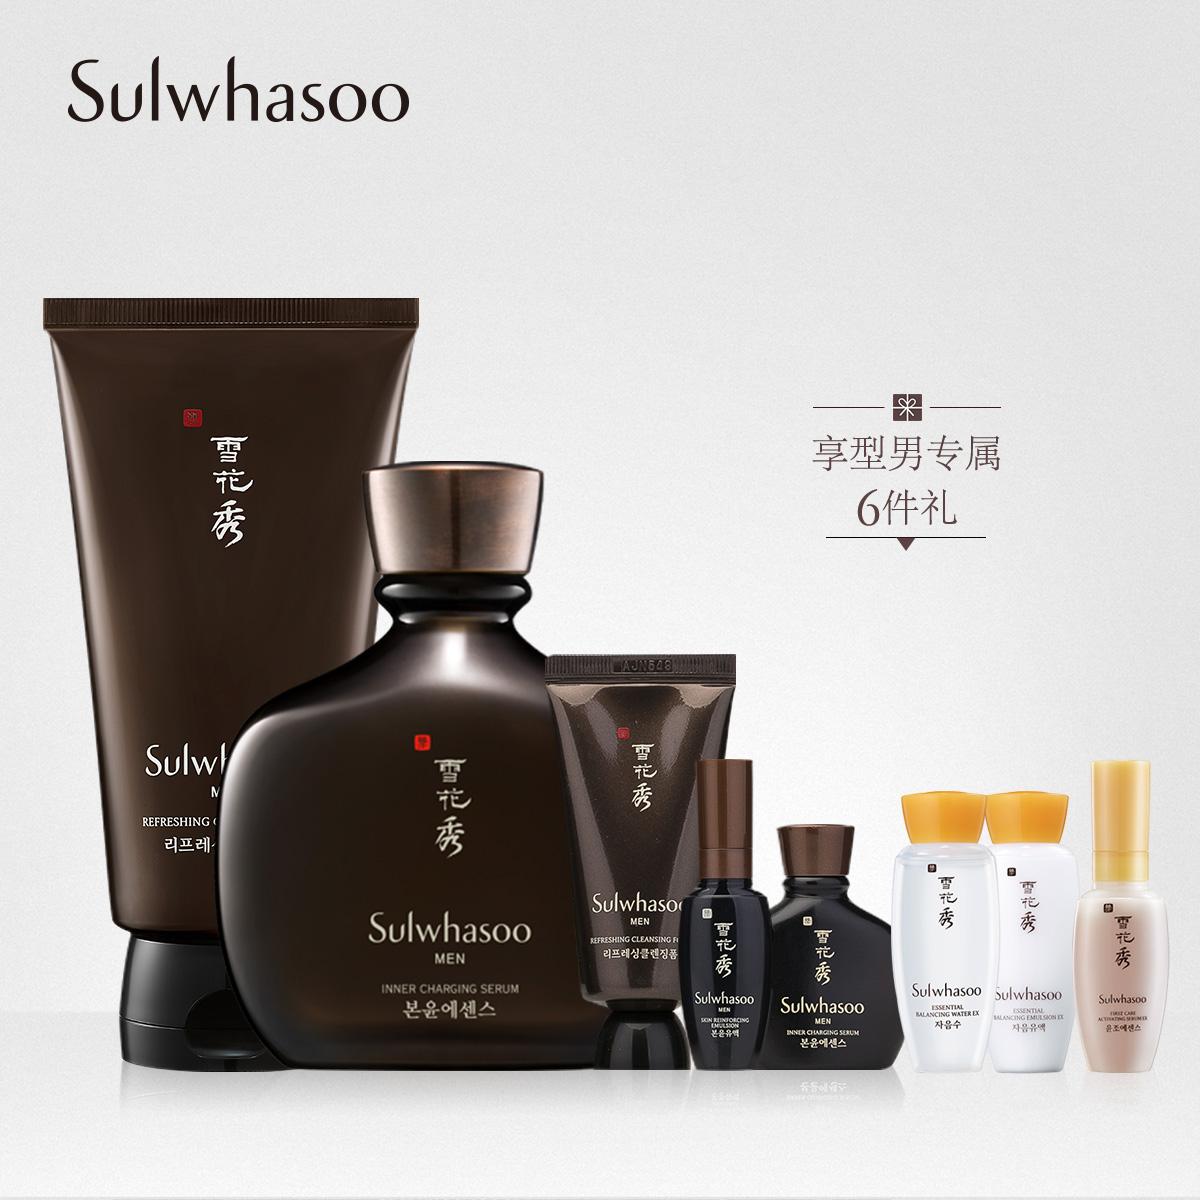 雪花秀男士系列套装 韩国护肤品套装保湿滋润 补水保湿 深层清洁